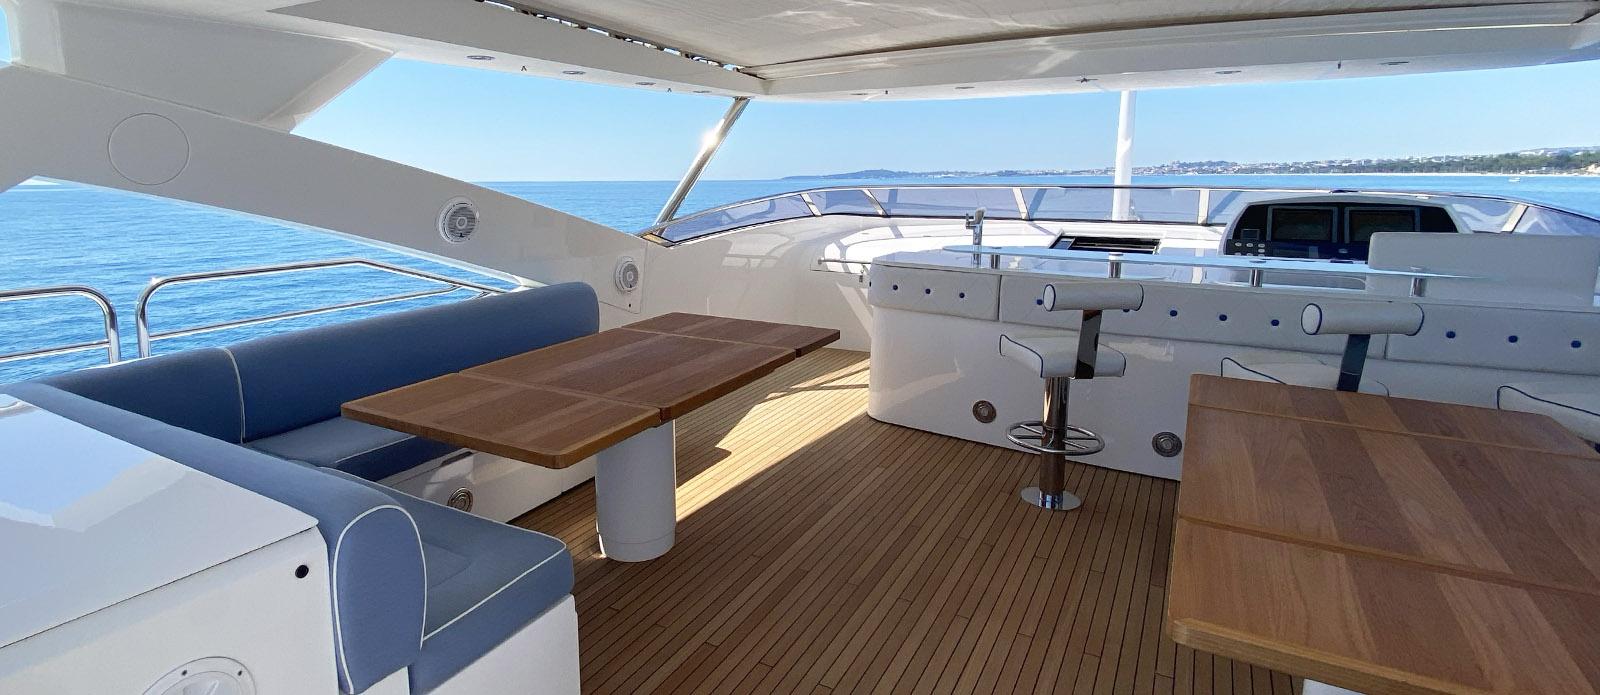 Flybridge - Tuppence-Sunseeker 30m Yacht